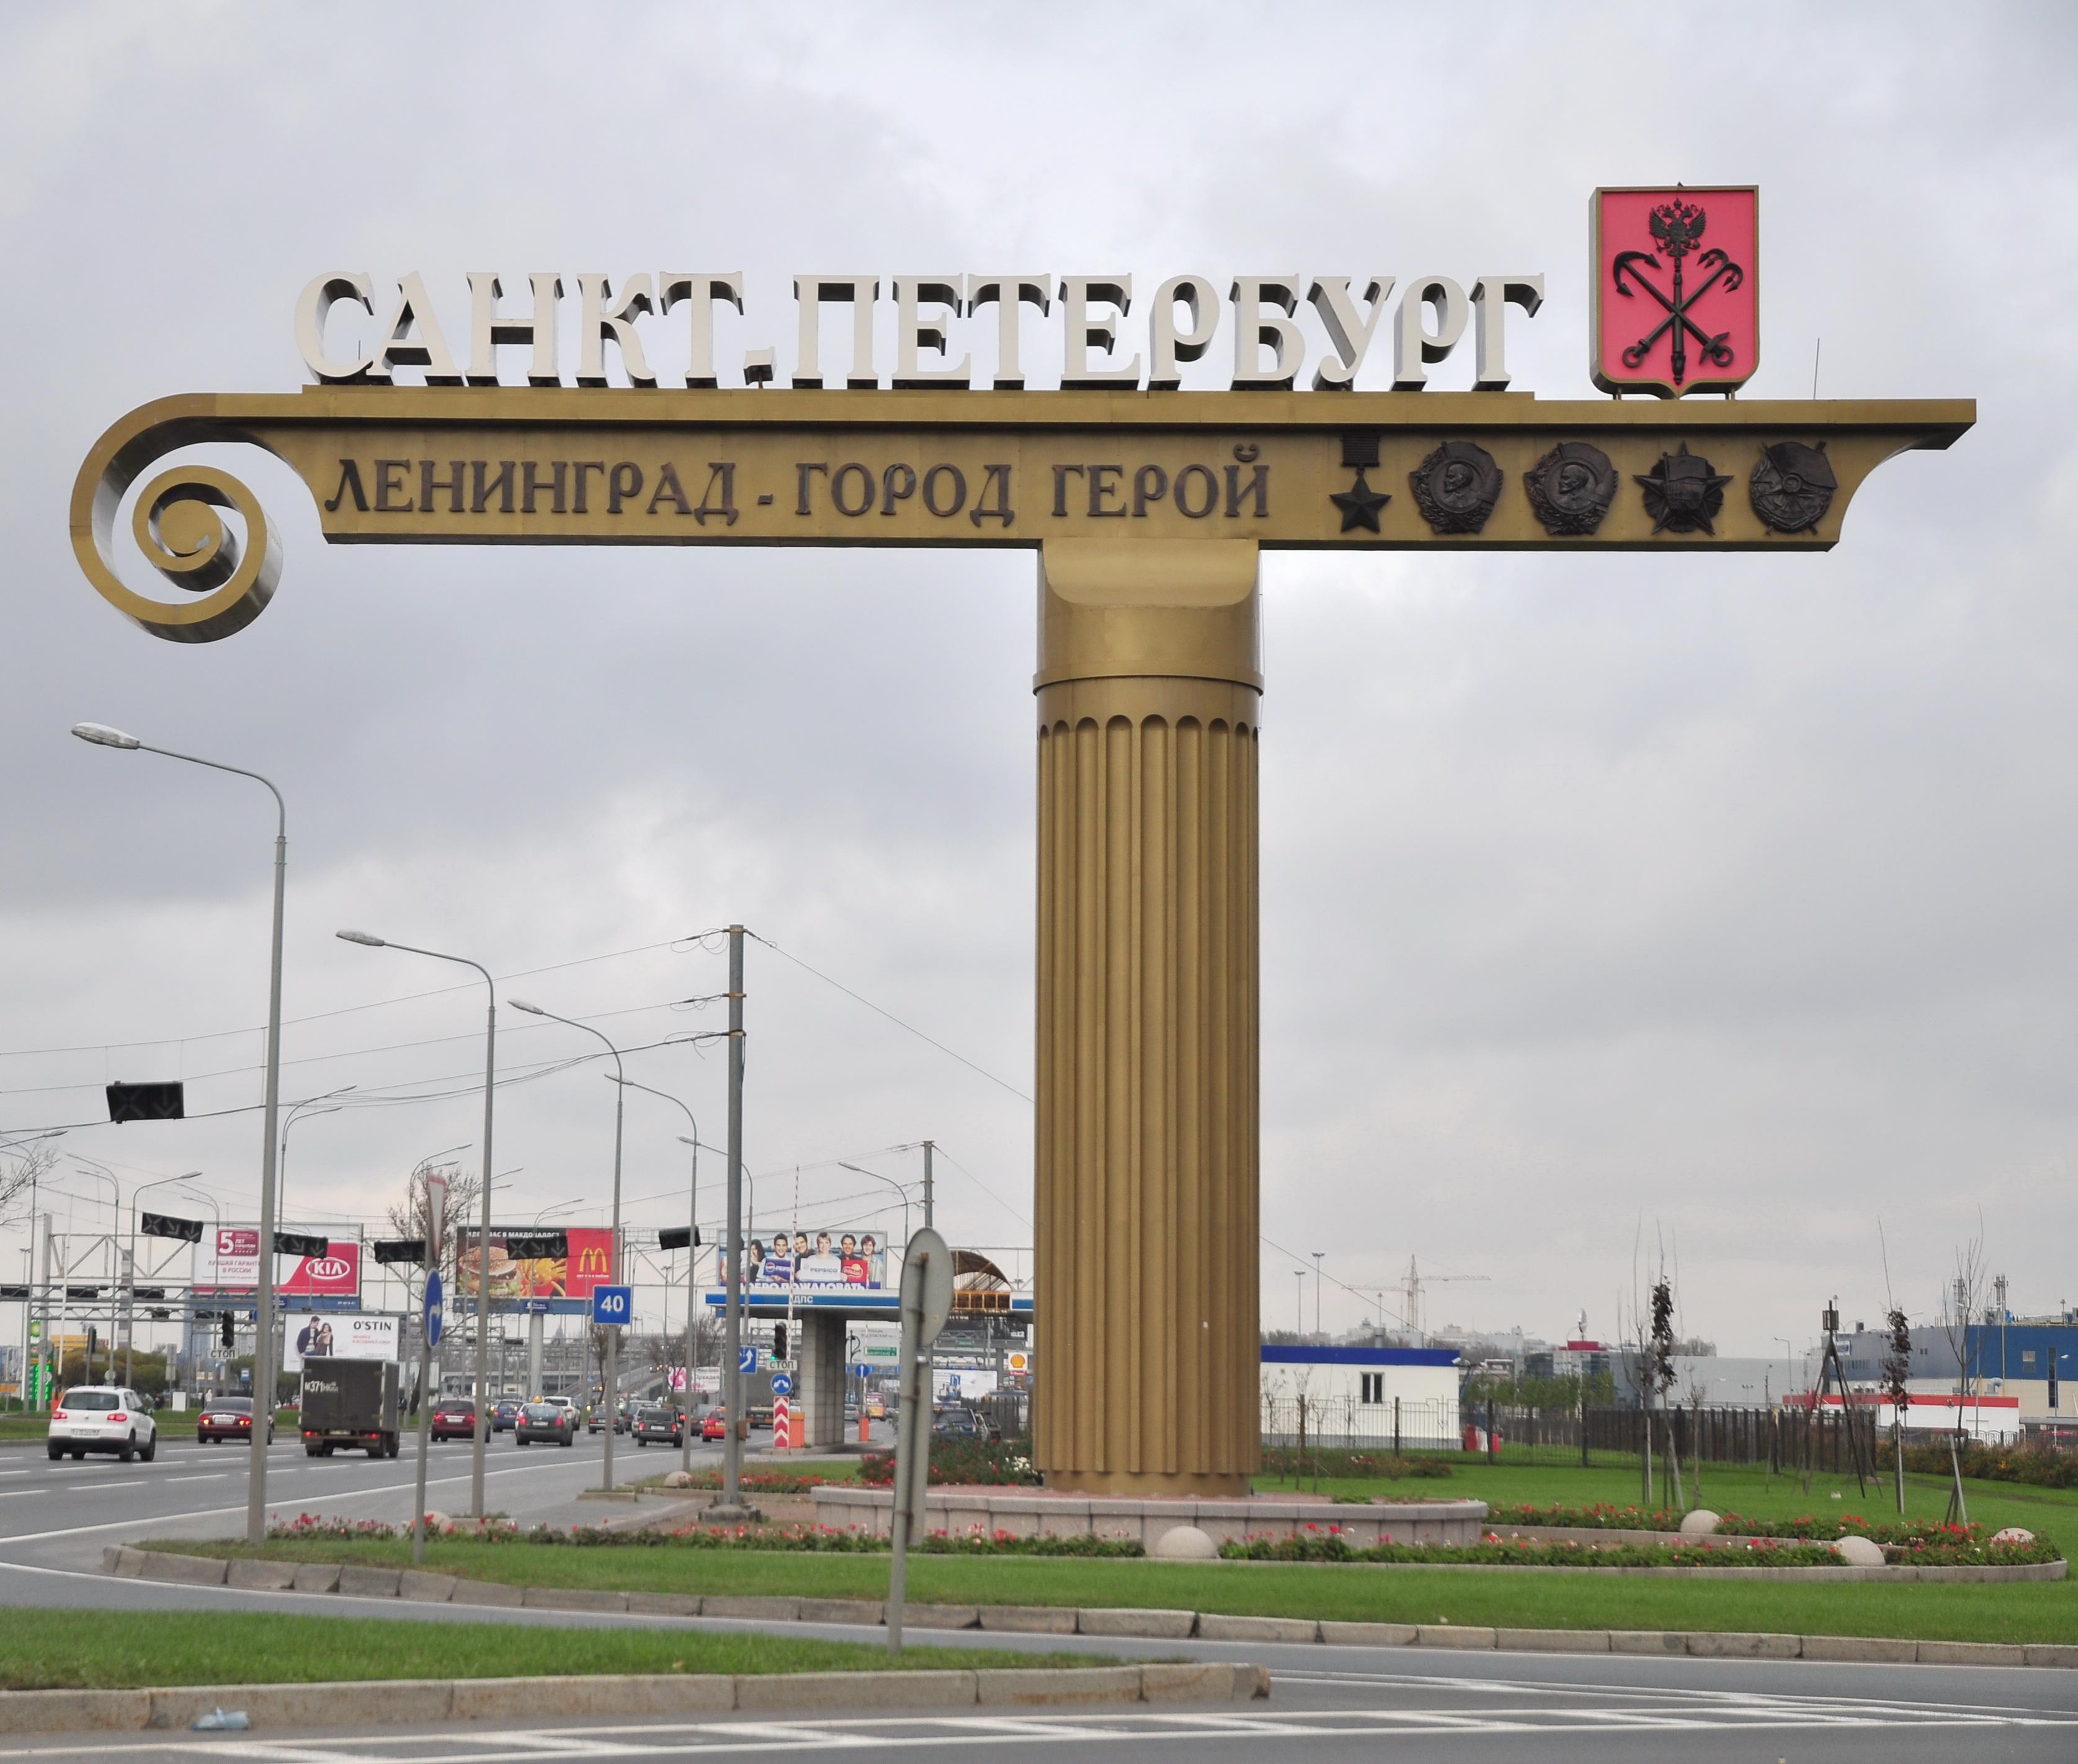 Санкт петербург кредиты без справок кредит срочно крым